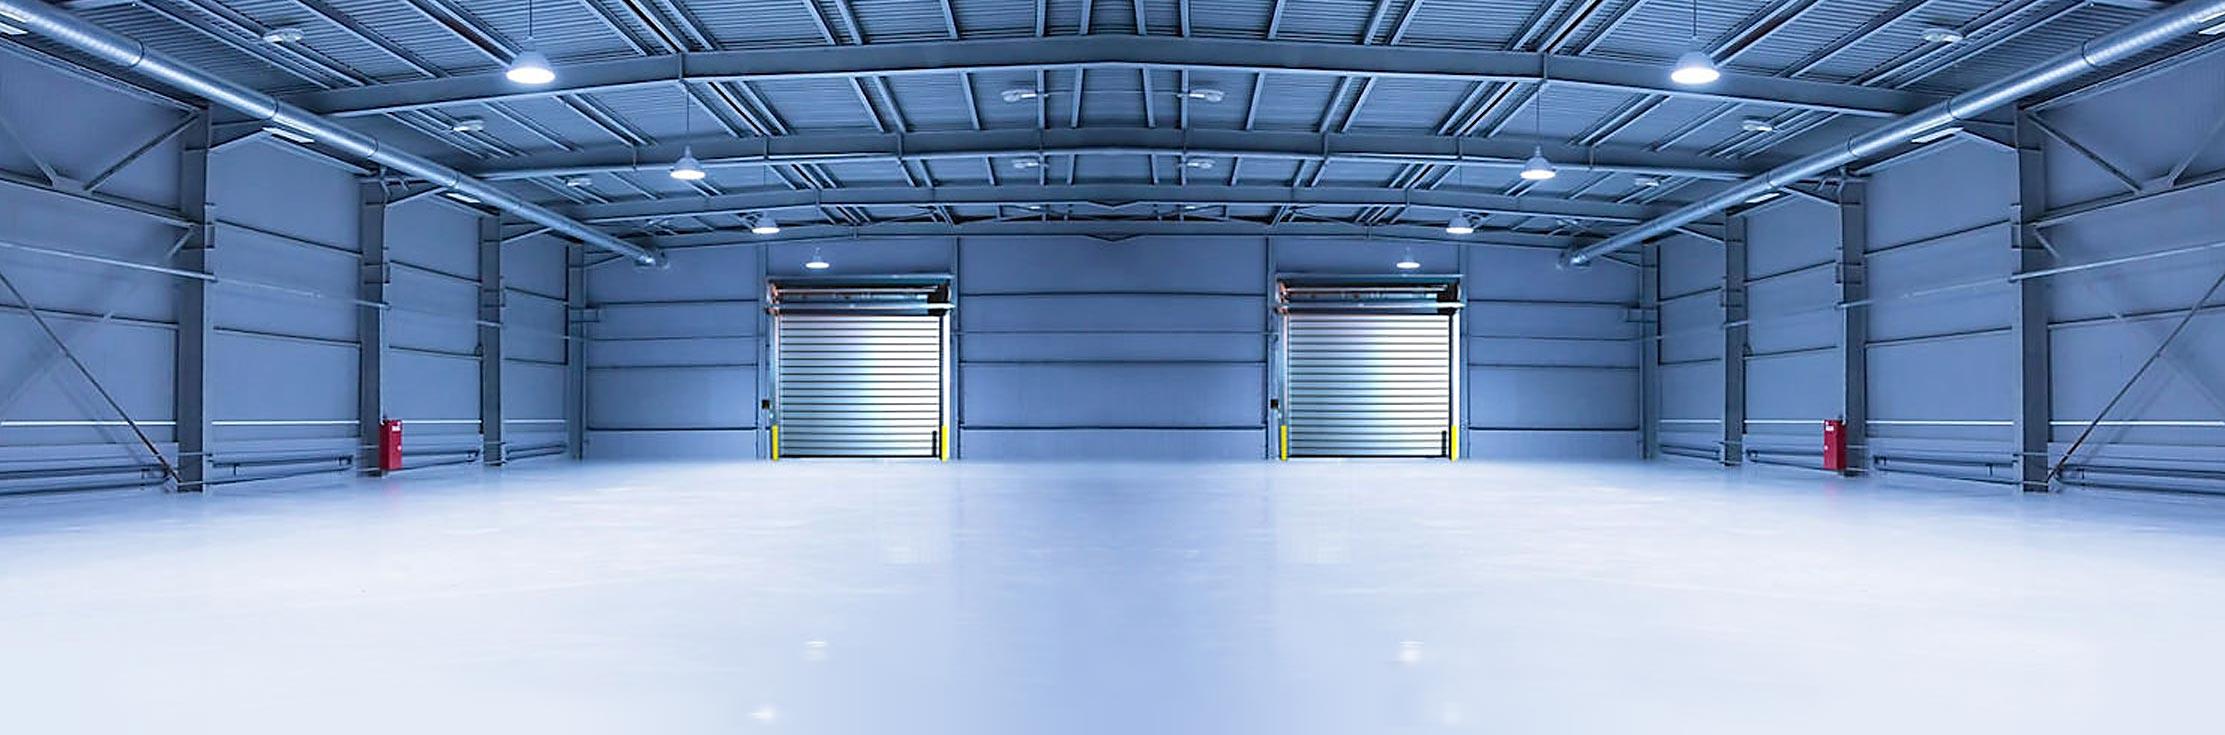 דלתות אוטומטיות לתעשייה